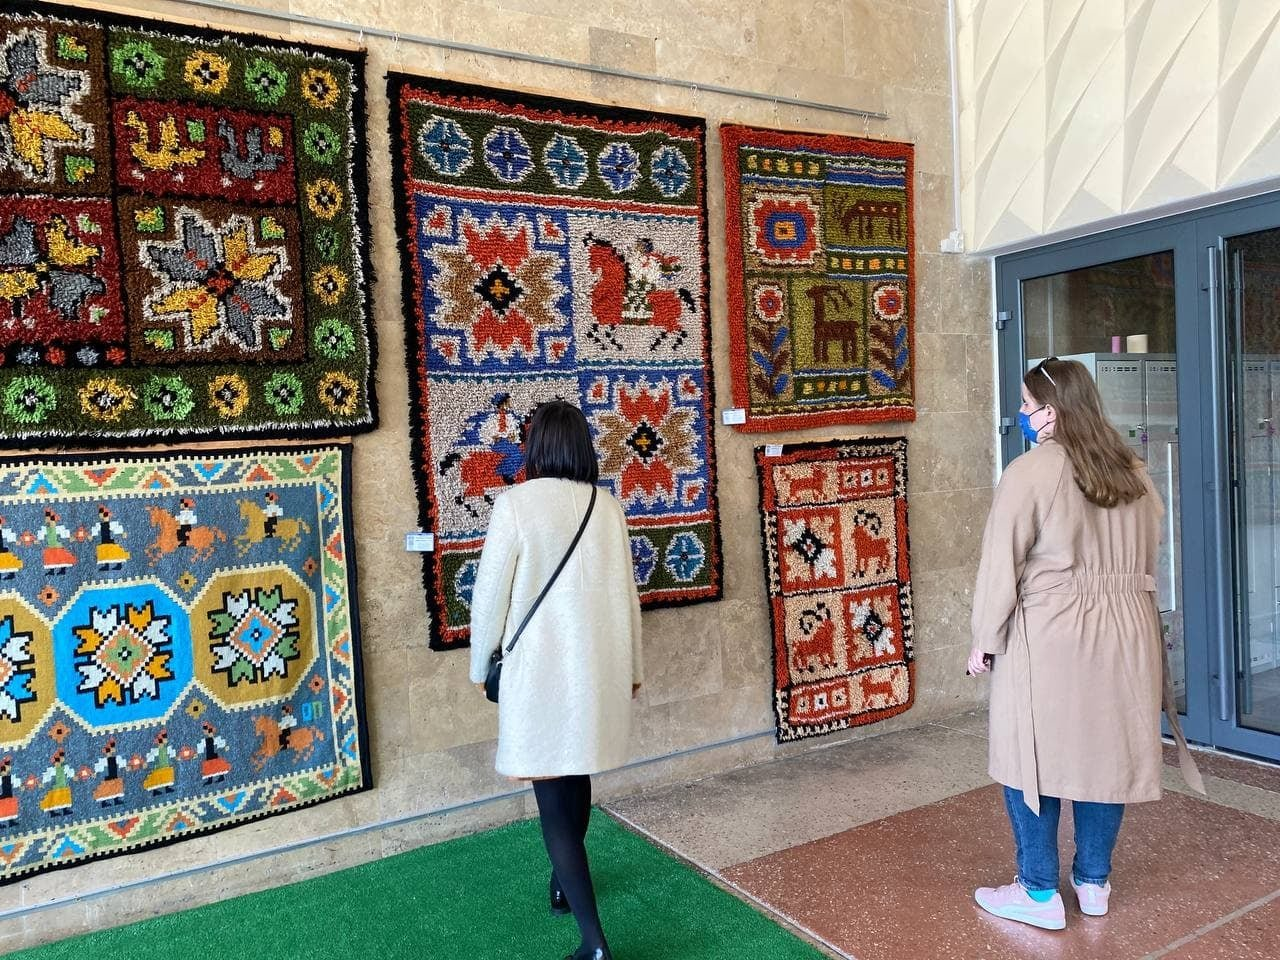 Міський культурний центр: в Броварах відкрито виставку ворсових килимів, фото-2